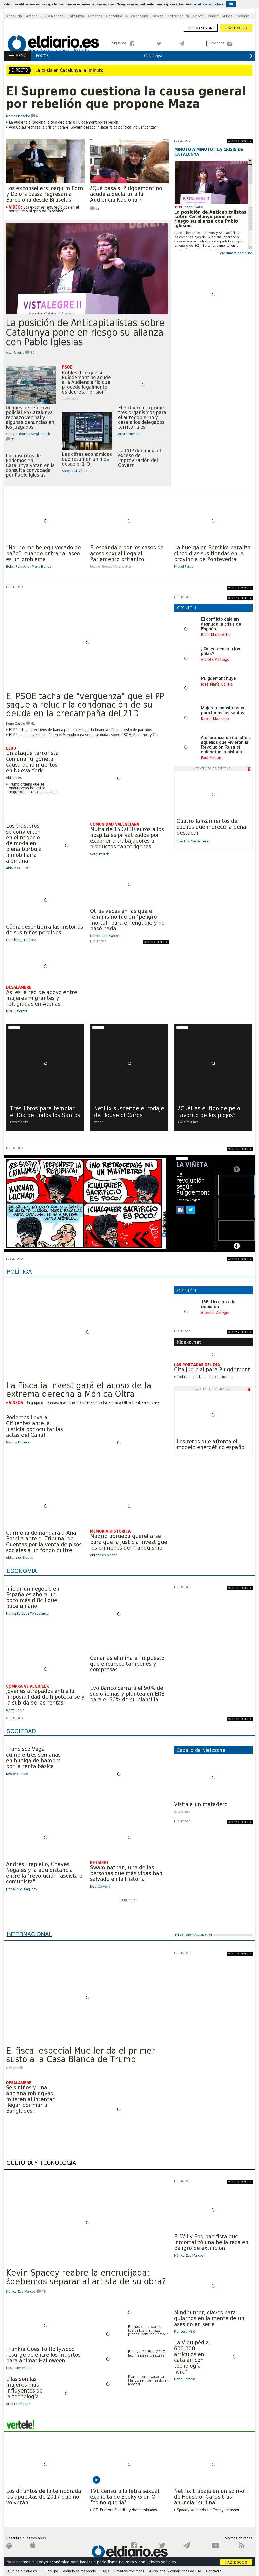 El Diario at Wednesday Nov. 1, 2017, 11:04 a.m. UTC